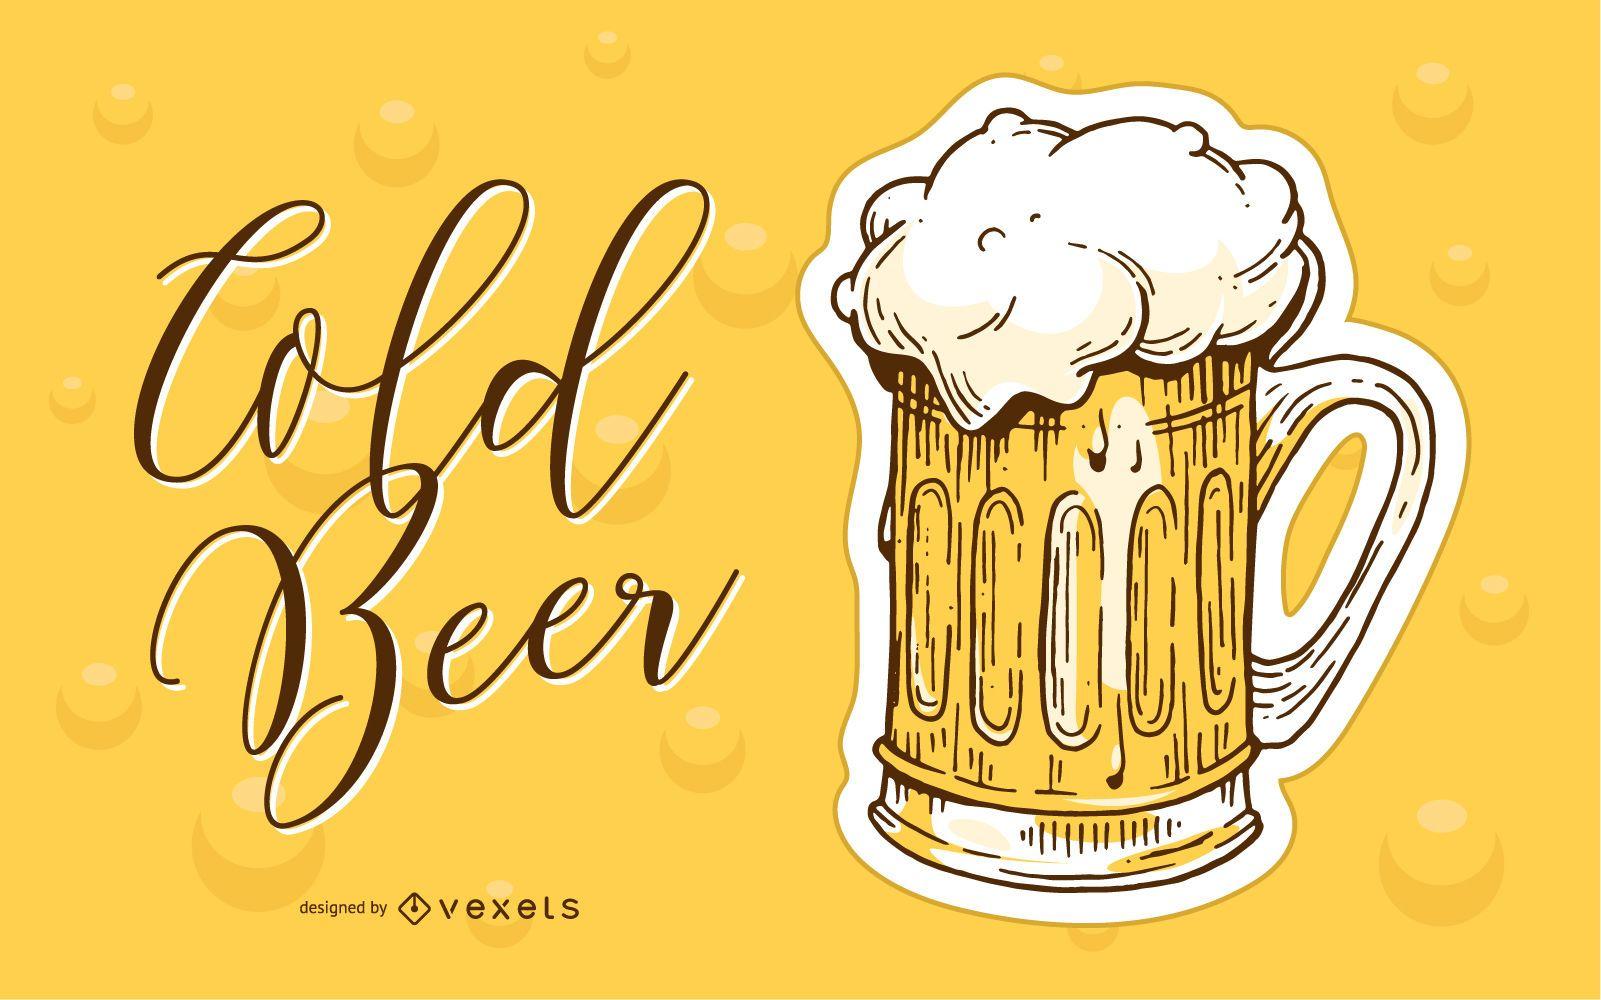 Kaltes Bier handgezeichnete Illustration